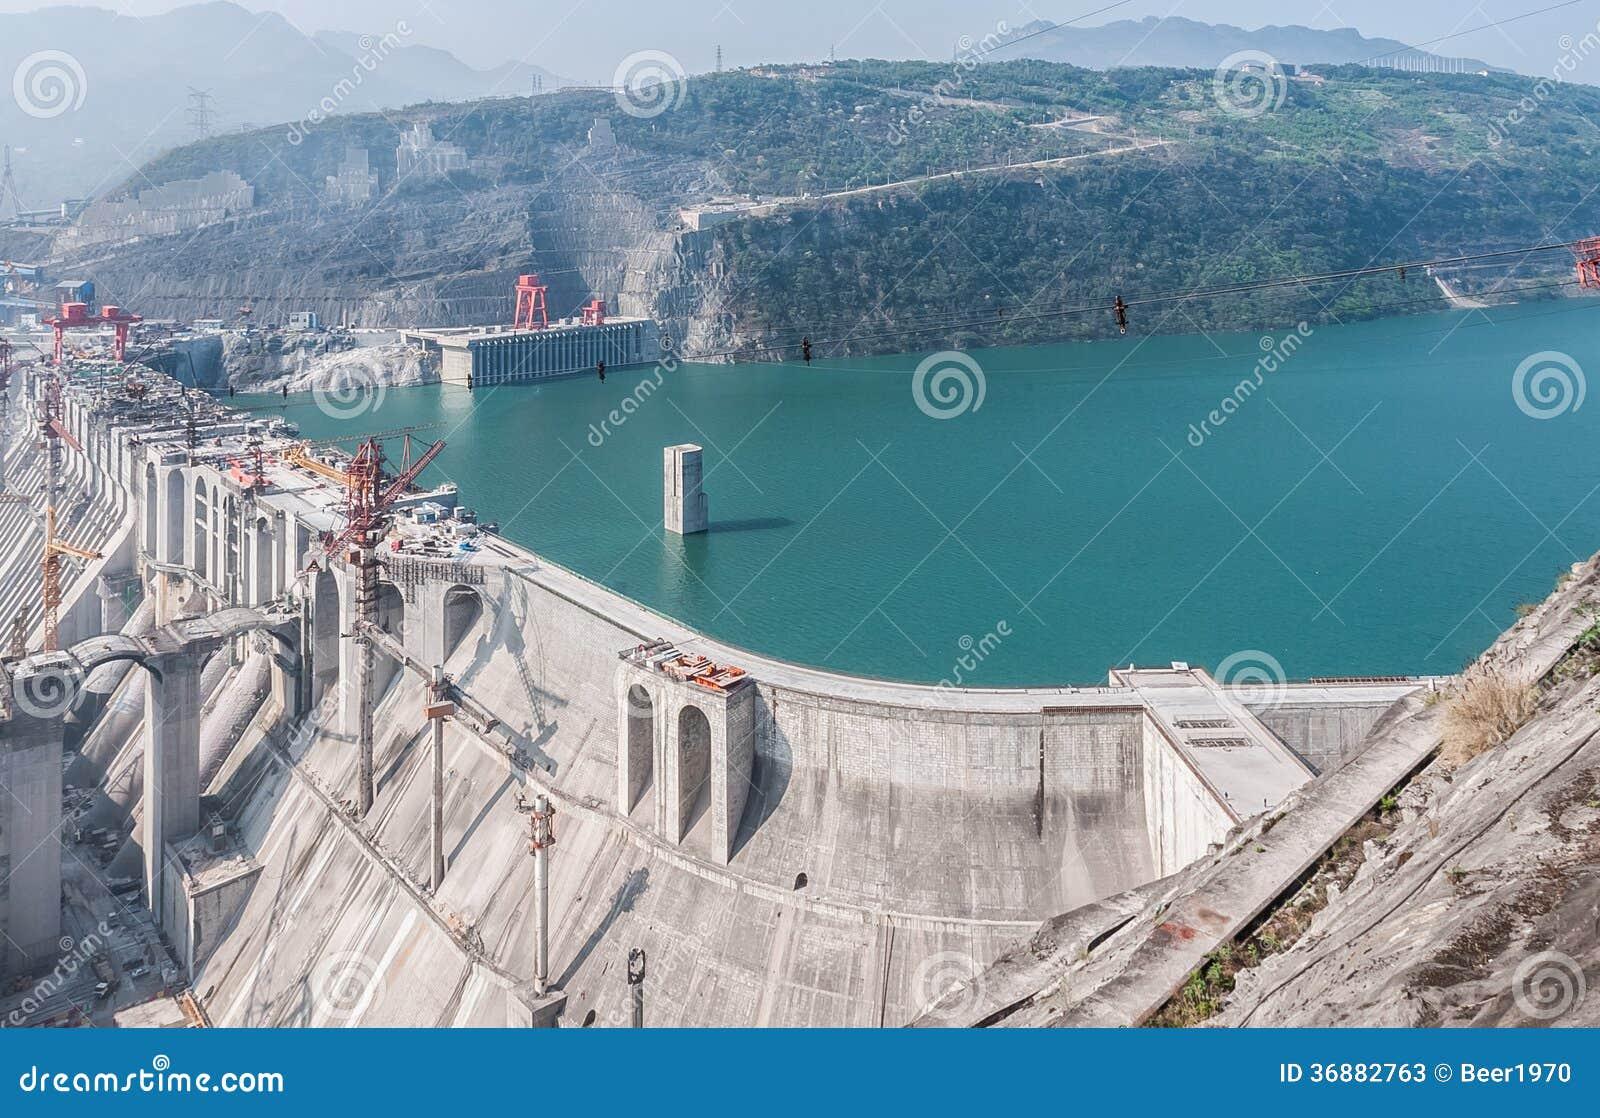 Download Costruzione Della Stazione Di Idropotenza Immagine Stock - Immagine di ingegneria, angolo: 36882763